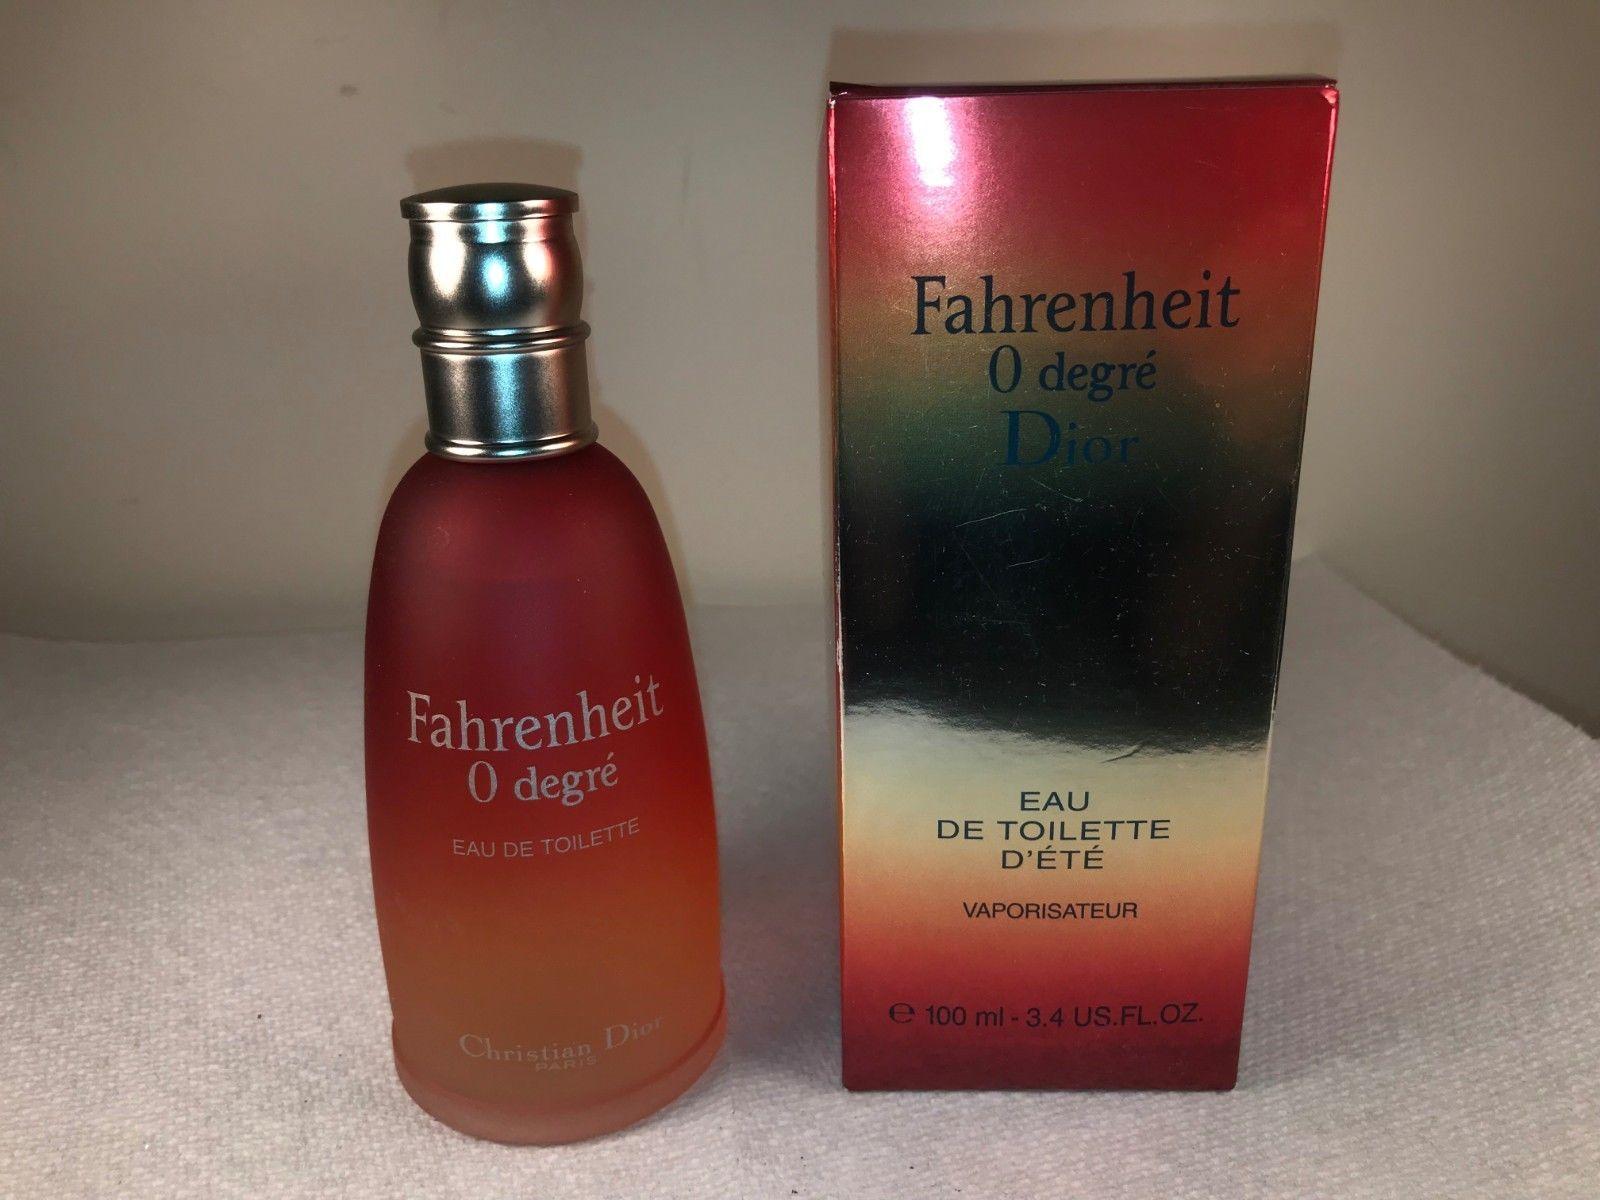 Christian Dior Fahrenheit 0 Degree Summer Fragrance 3 4 Oz Edt Spray Read Desc 9 99 Fragrance Dior Rose Wine Bottle Wine Bottle Bottle